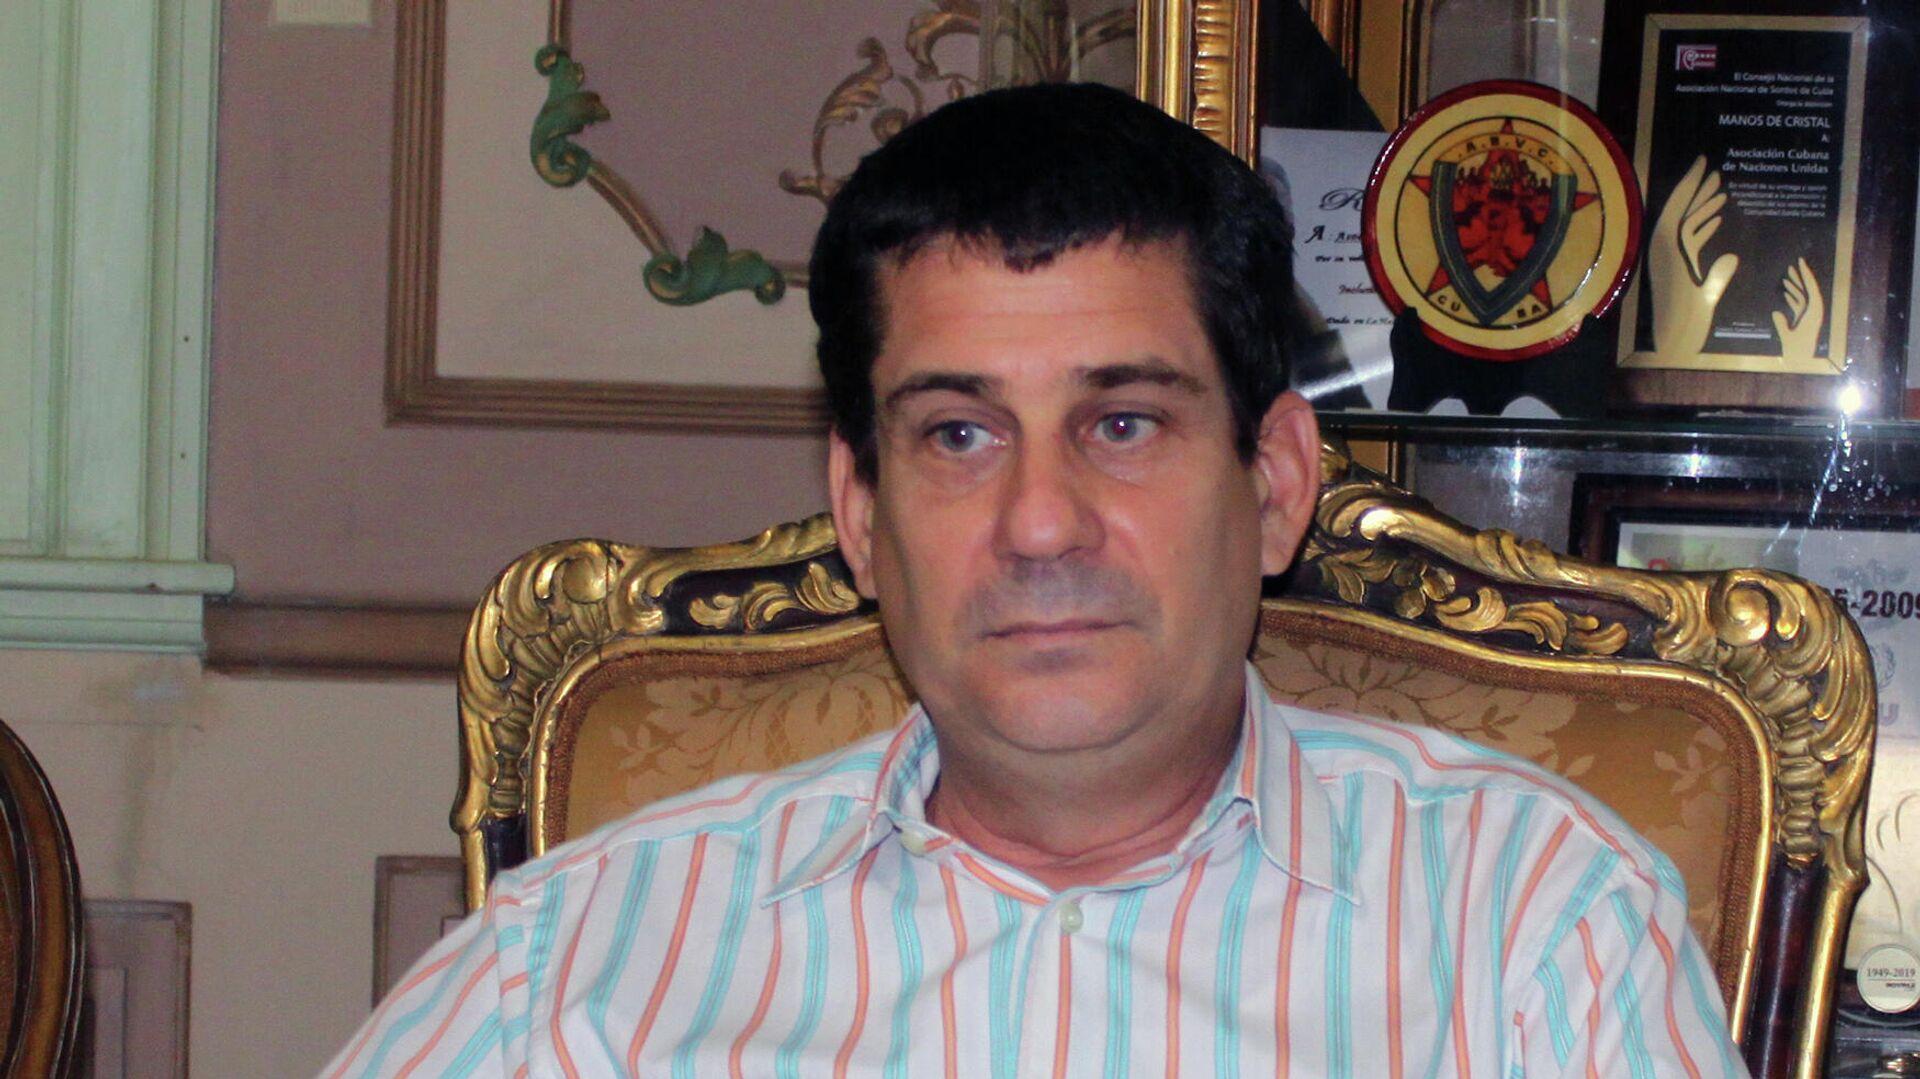 Fermín Quiñones, presidente de la Asociación Cubana de Naciones Unidas - Sputnik Mundo, 1920, 02.06.2021